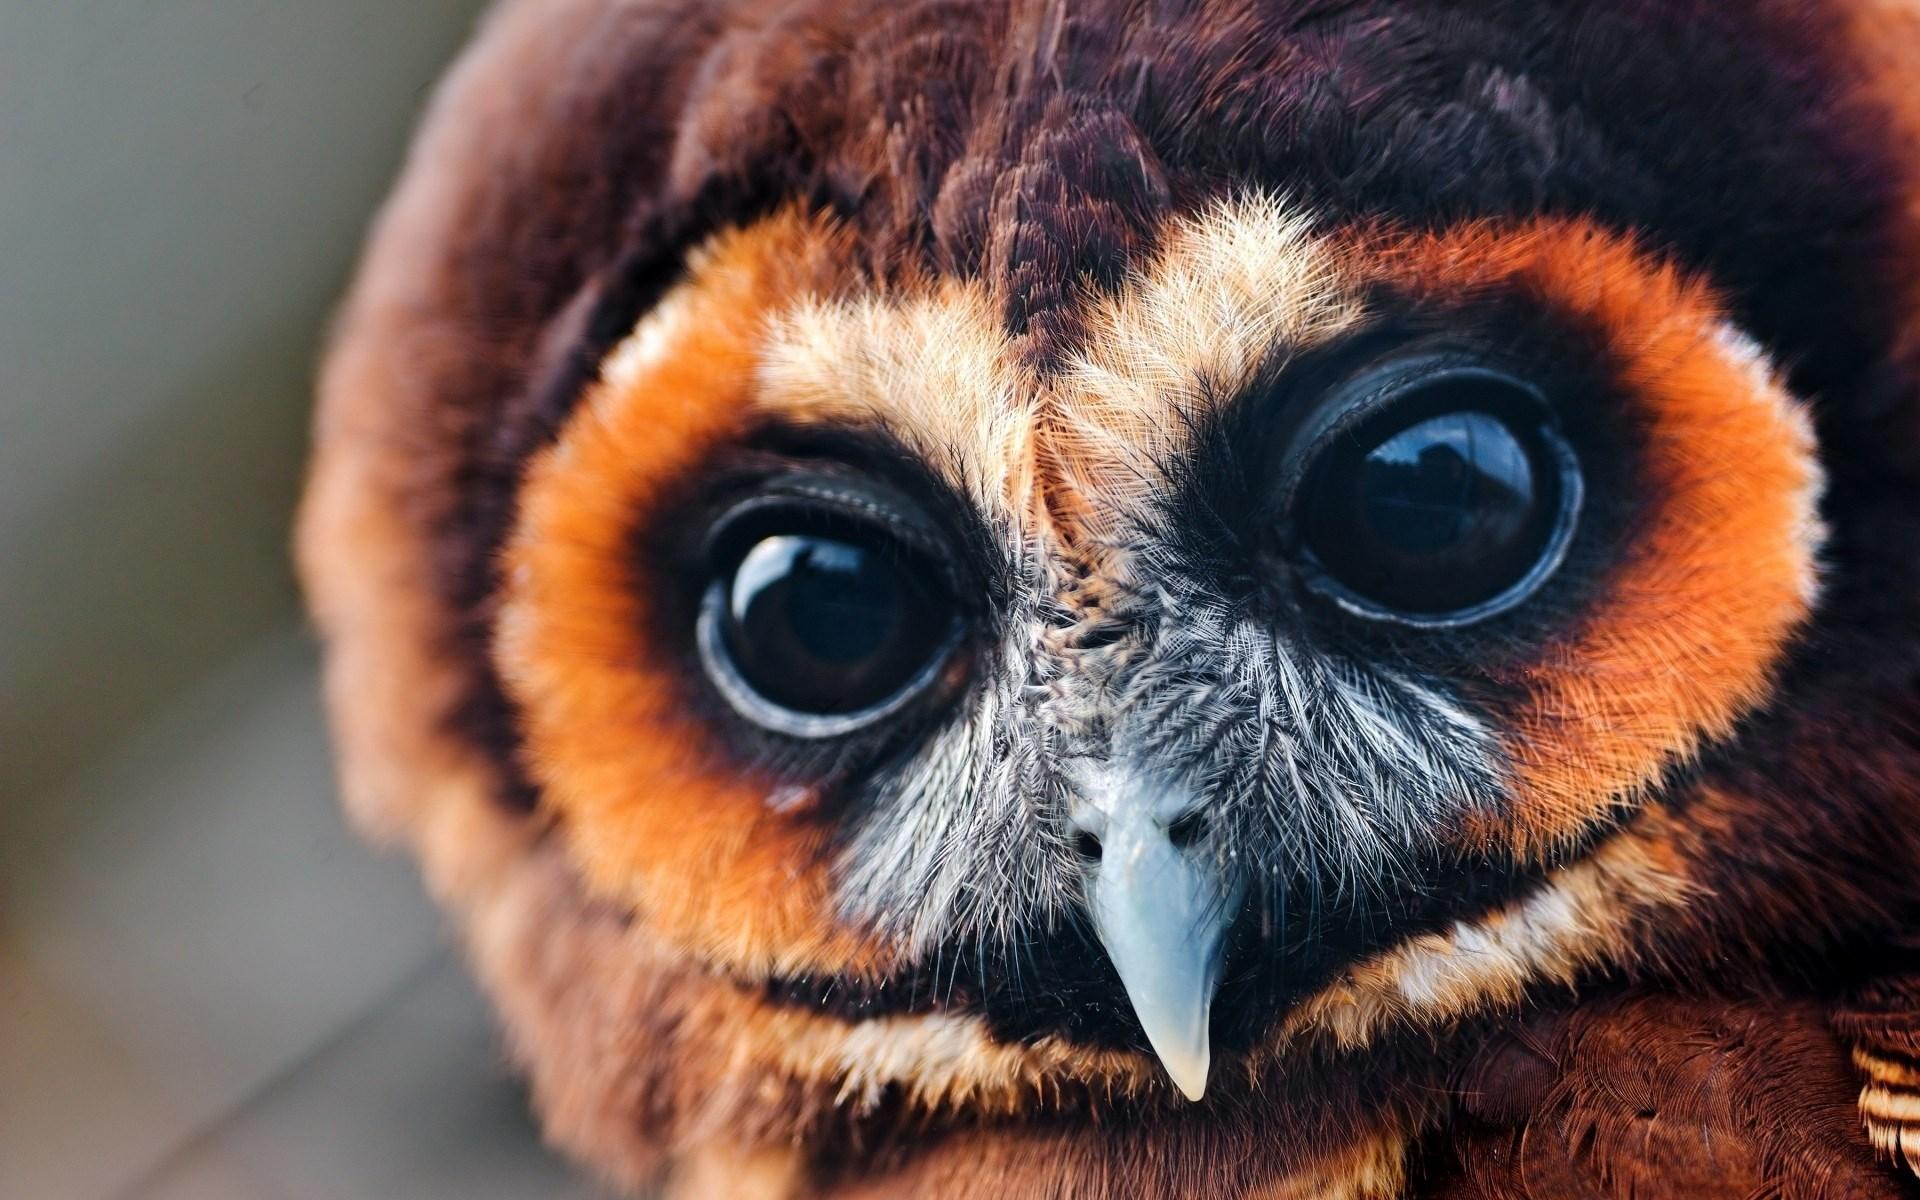 Tawny Owl Brown Owl Close-Up